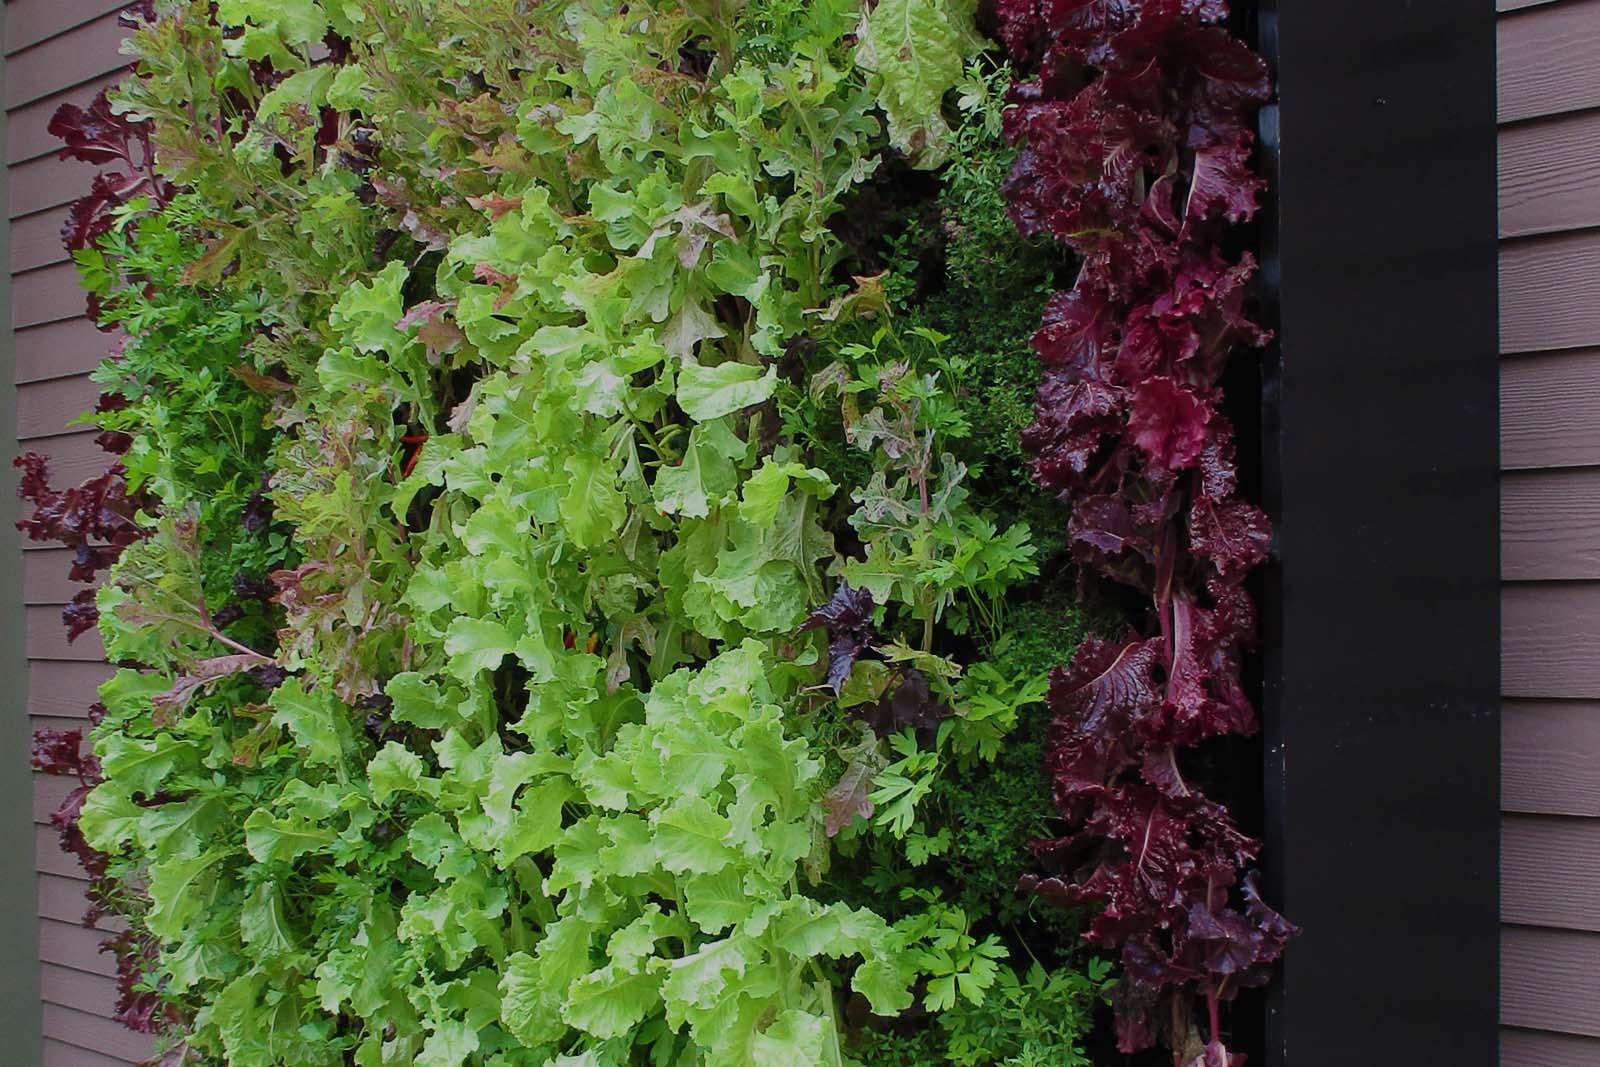 Orto verticale giardino in terrazzo - Terrazzo giardino ...